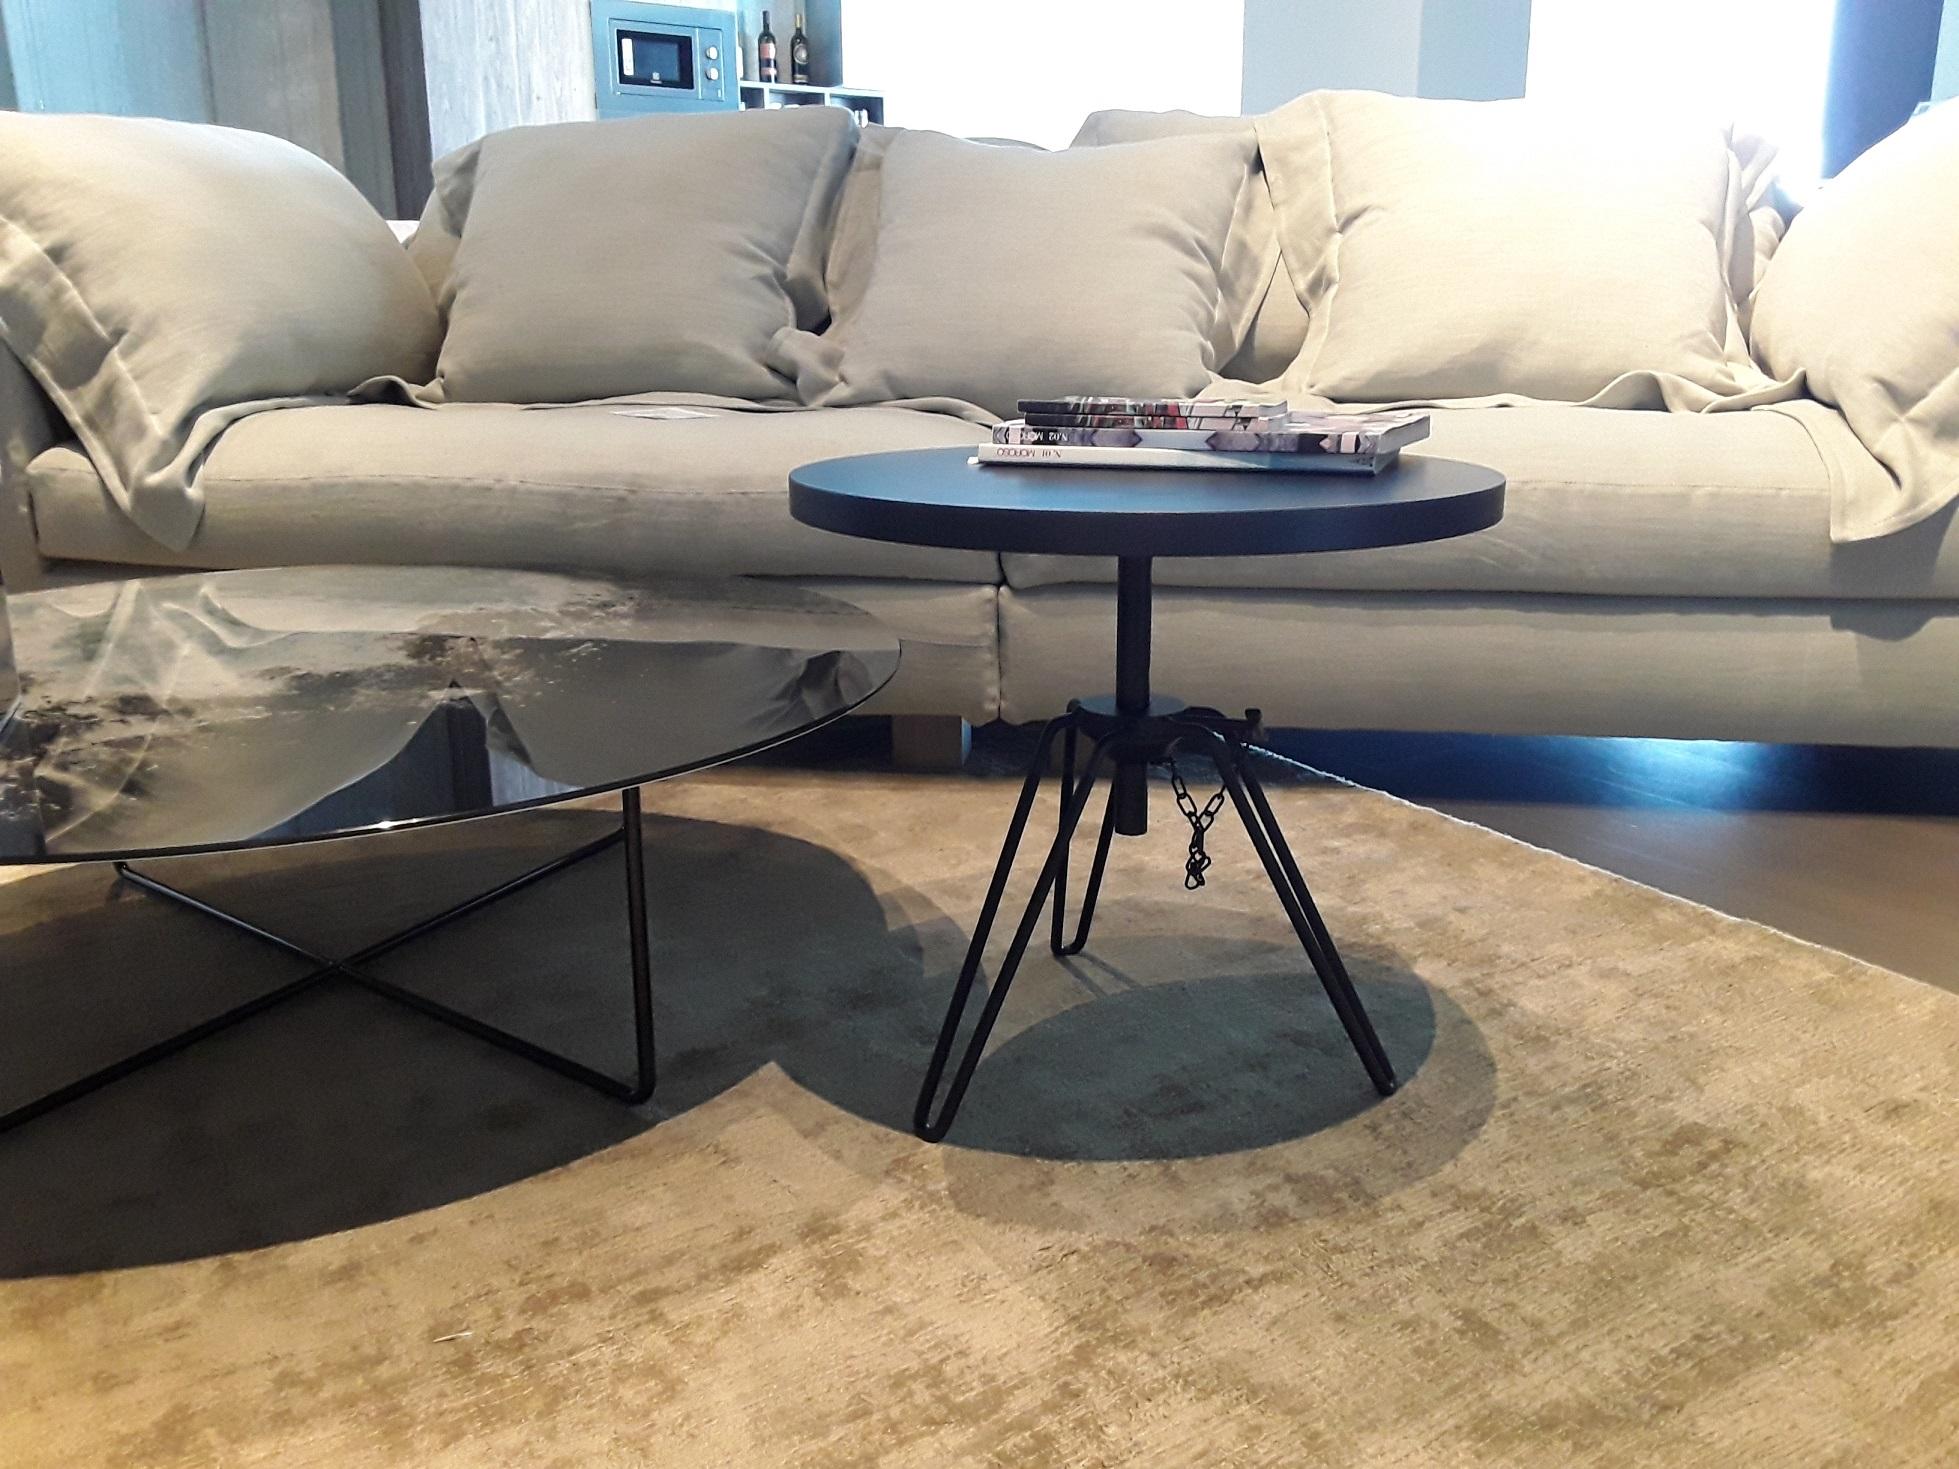 Moroso Tavolo Overdyed Side Table Scontato Del 33